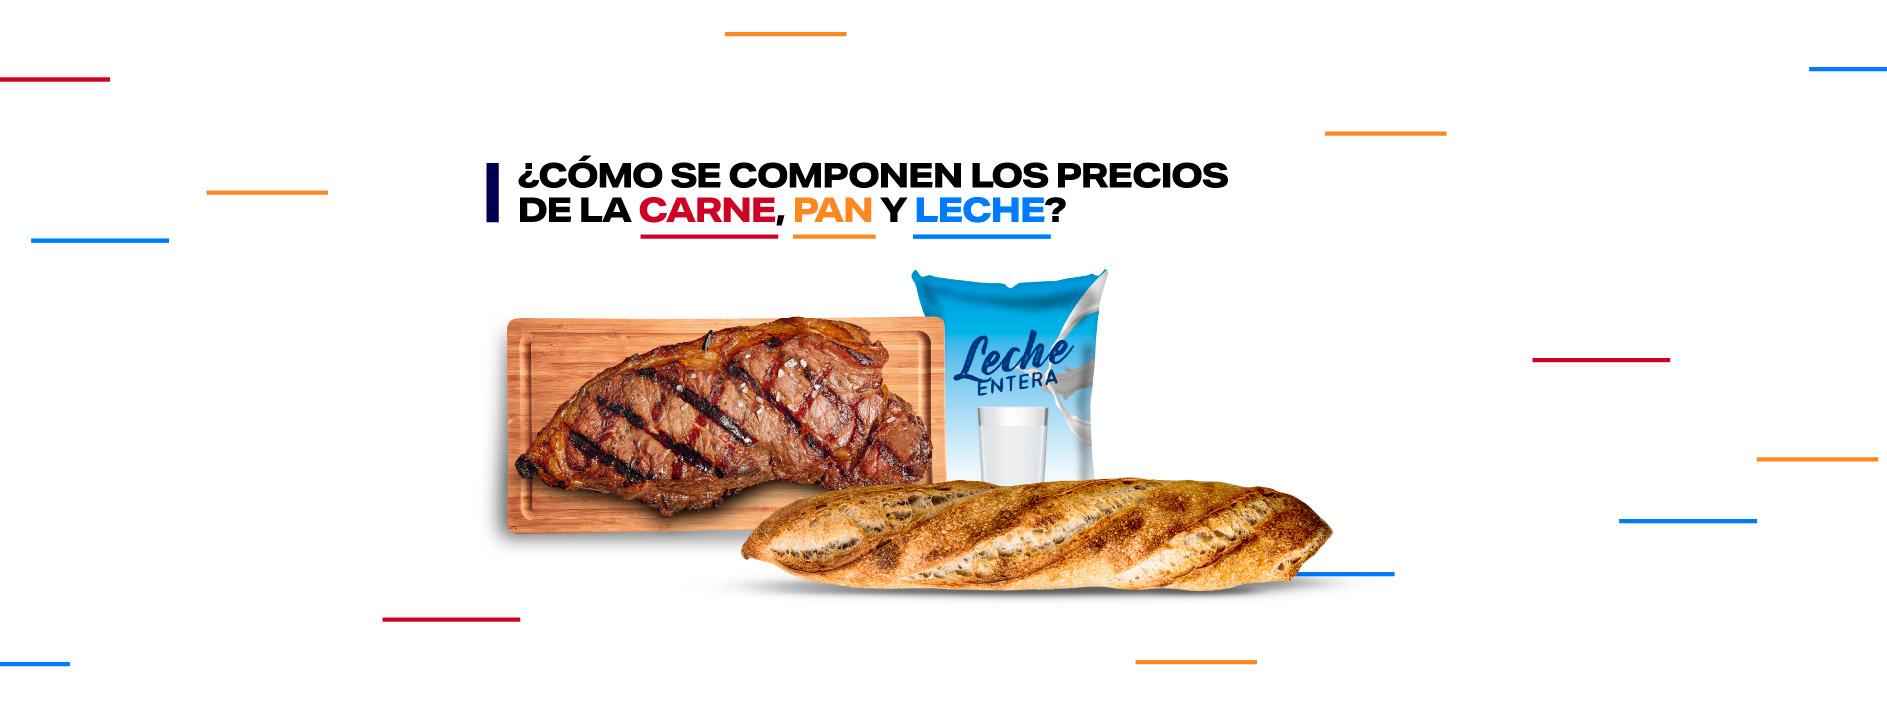 Pan, leche, carne ¿Qué pasa con los precios?